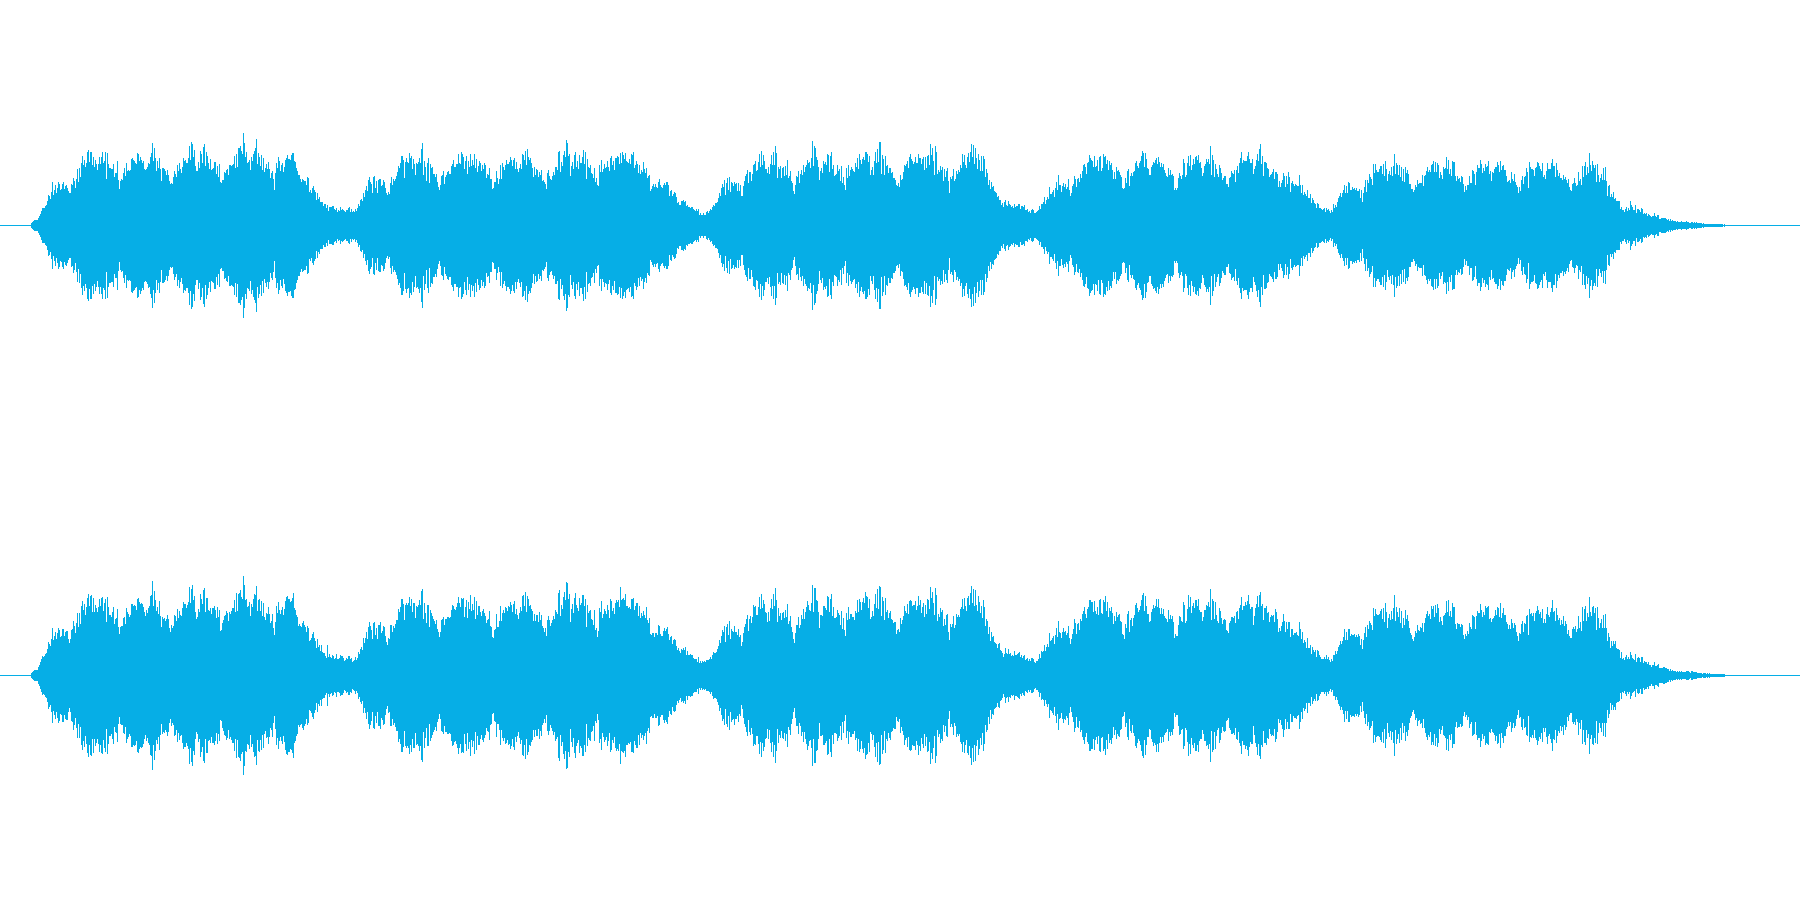 ブーン、グワワン(エンジン、モーター)の再生済みの波形